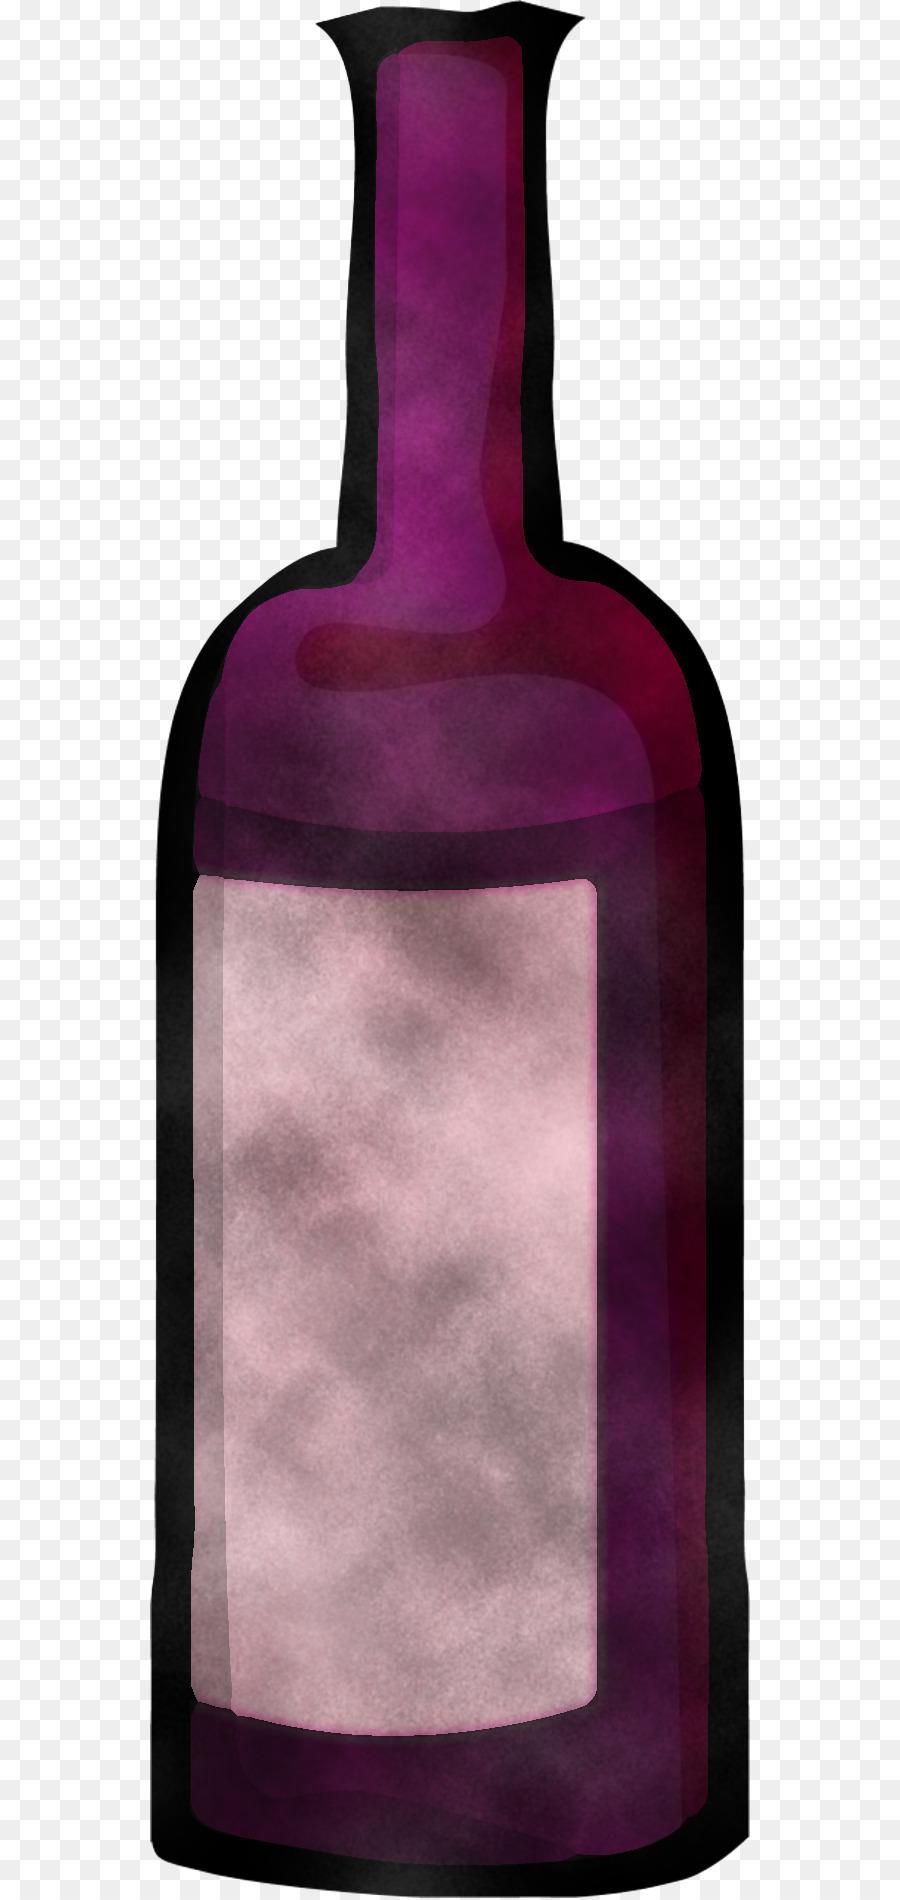 Descarga gratuita de Botella, Violeta, Rosa Imágen de Png